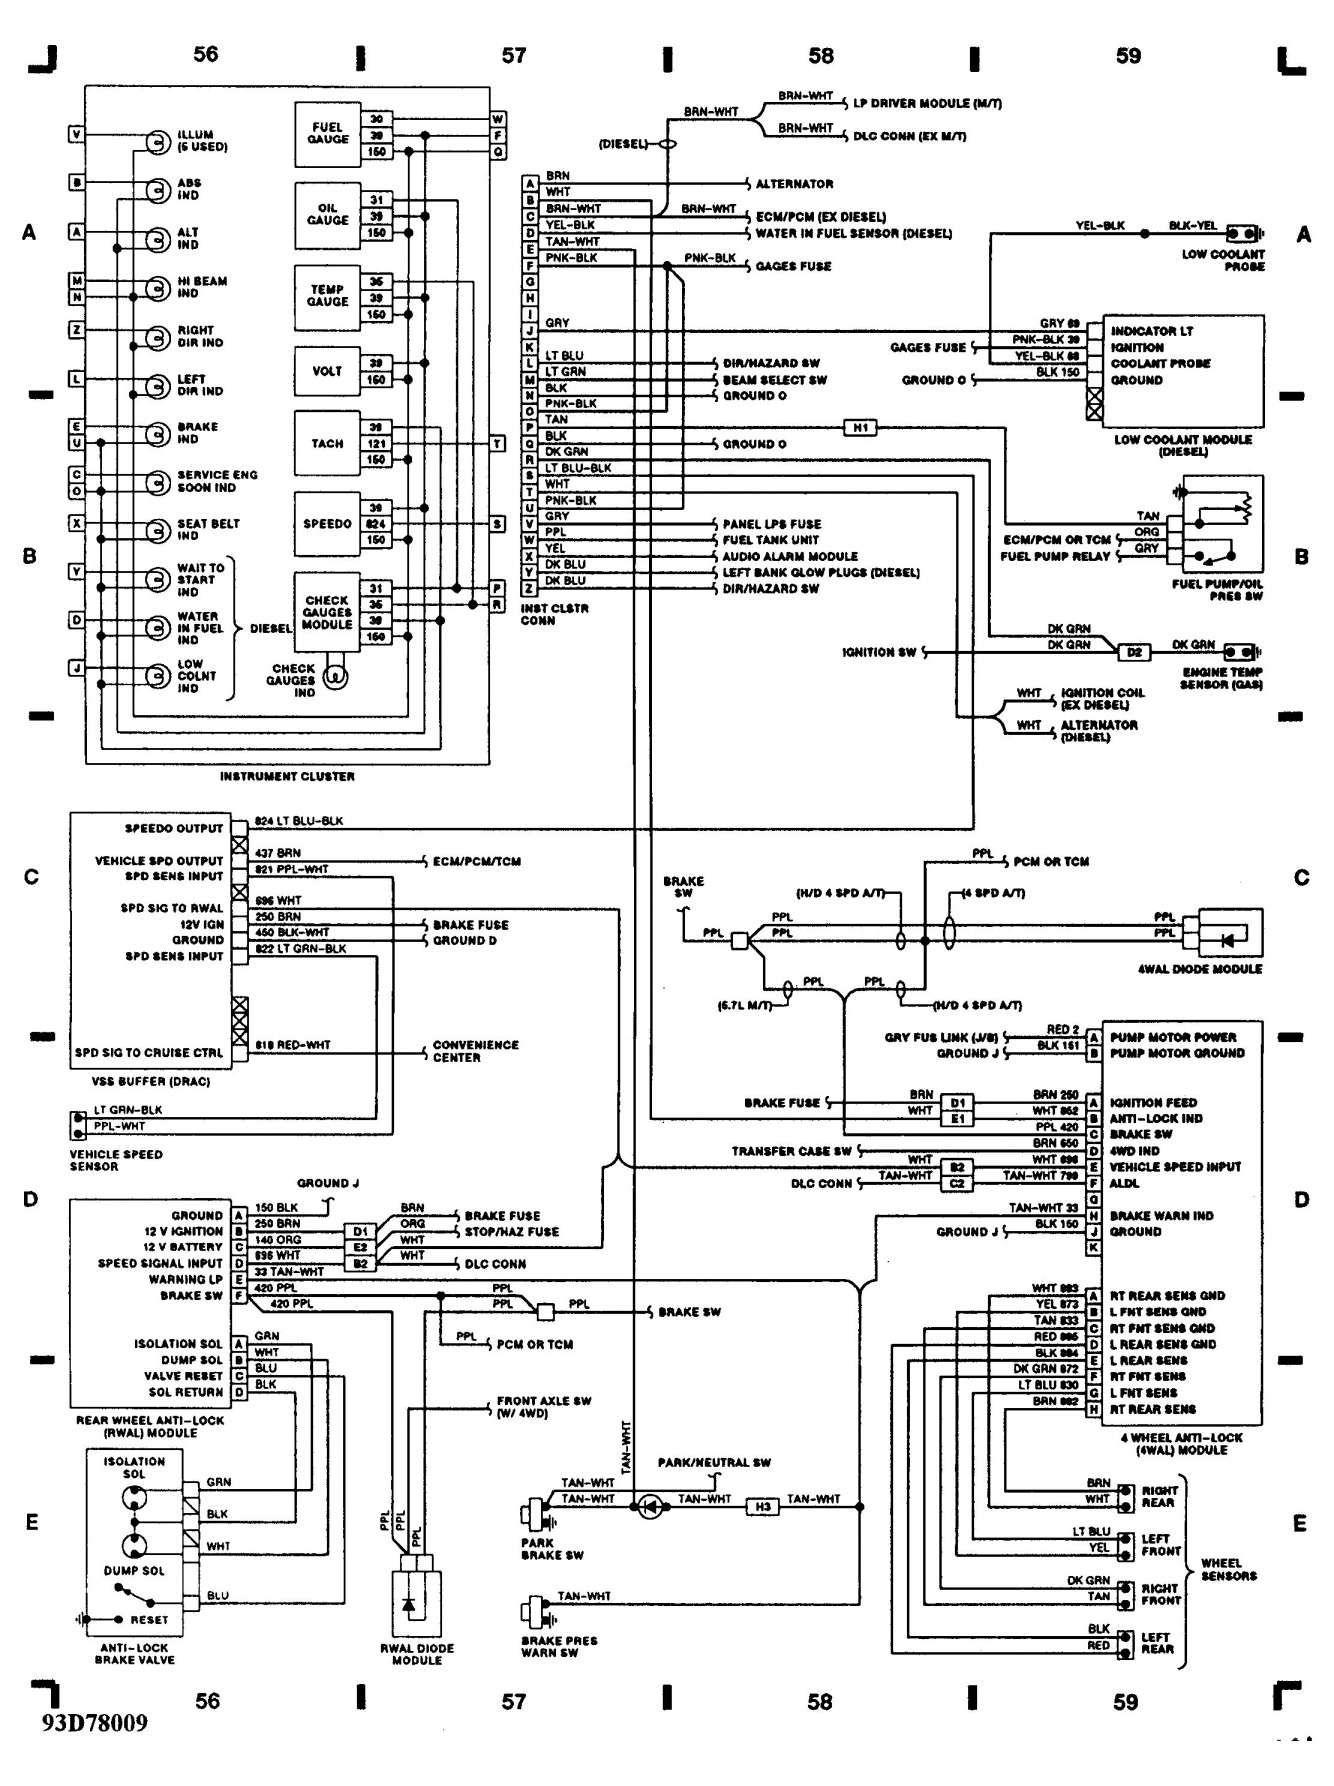 Marine Diesel Engine Wiring Diagram And Diagram Liter Engine Parts